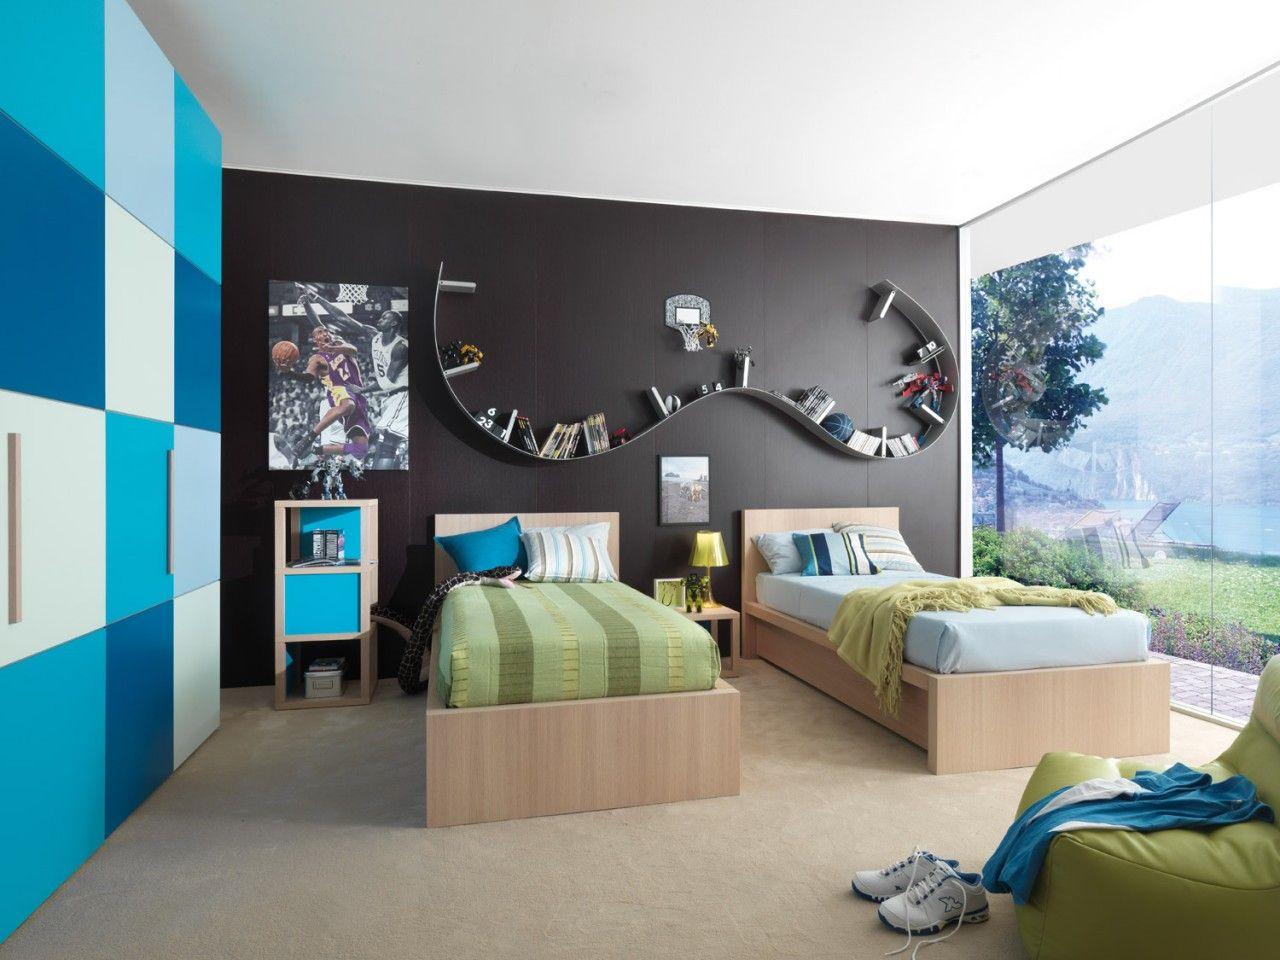 dormitorios para jovenes | dormitorios para adolescentes